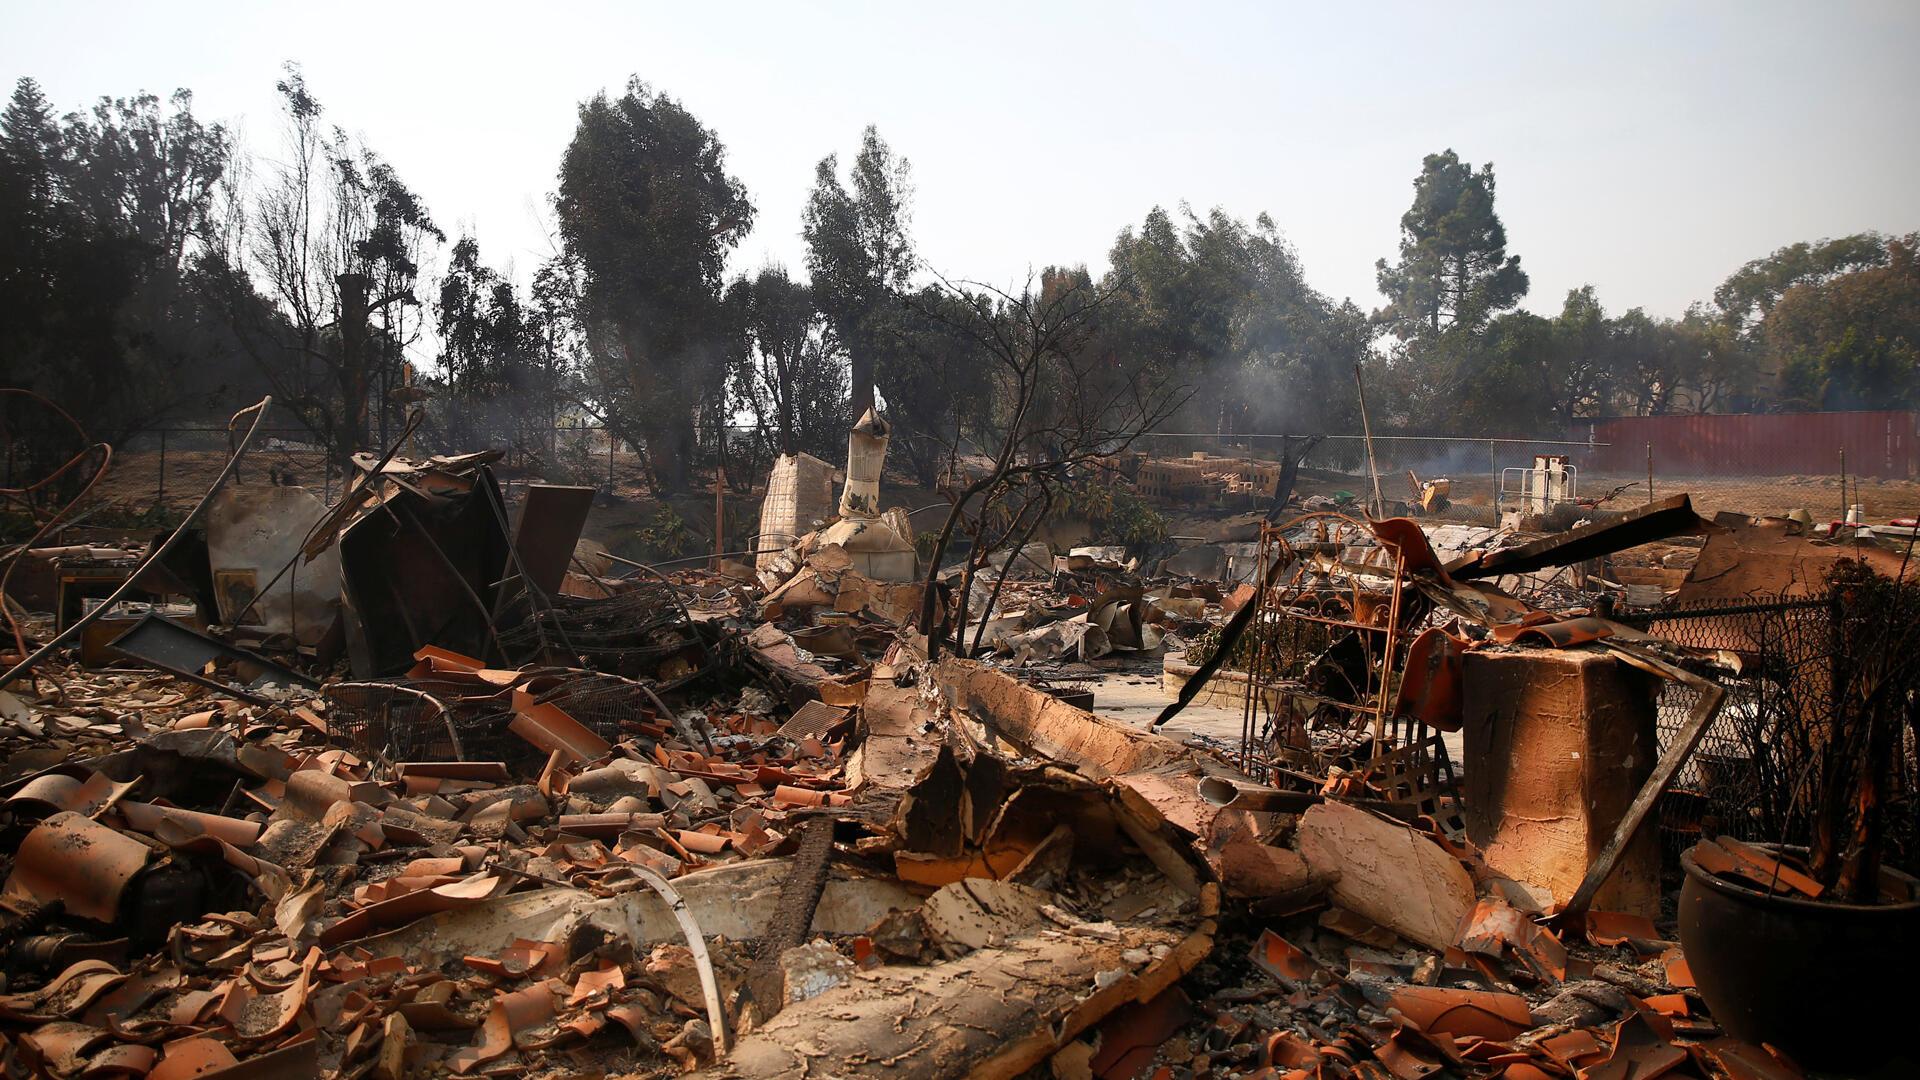 El mortal incendio ha dejado centenares de escenas apocalípticas, como esta en Malibu.